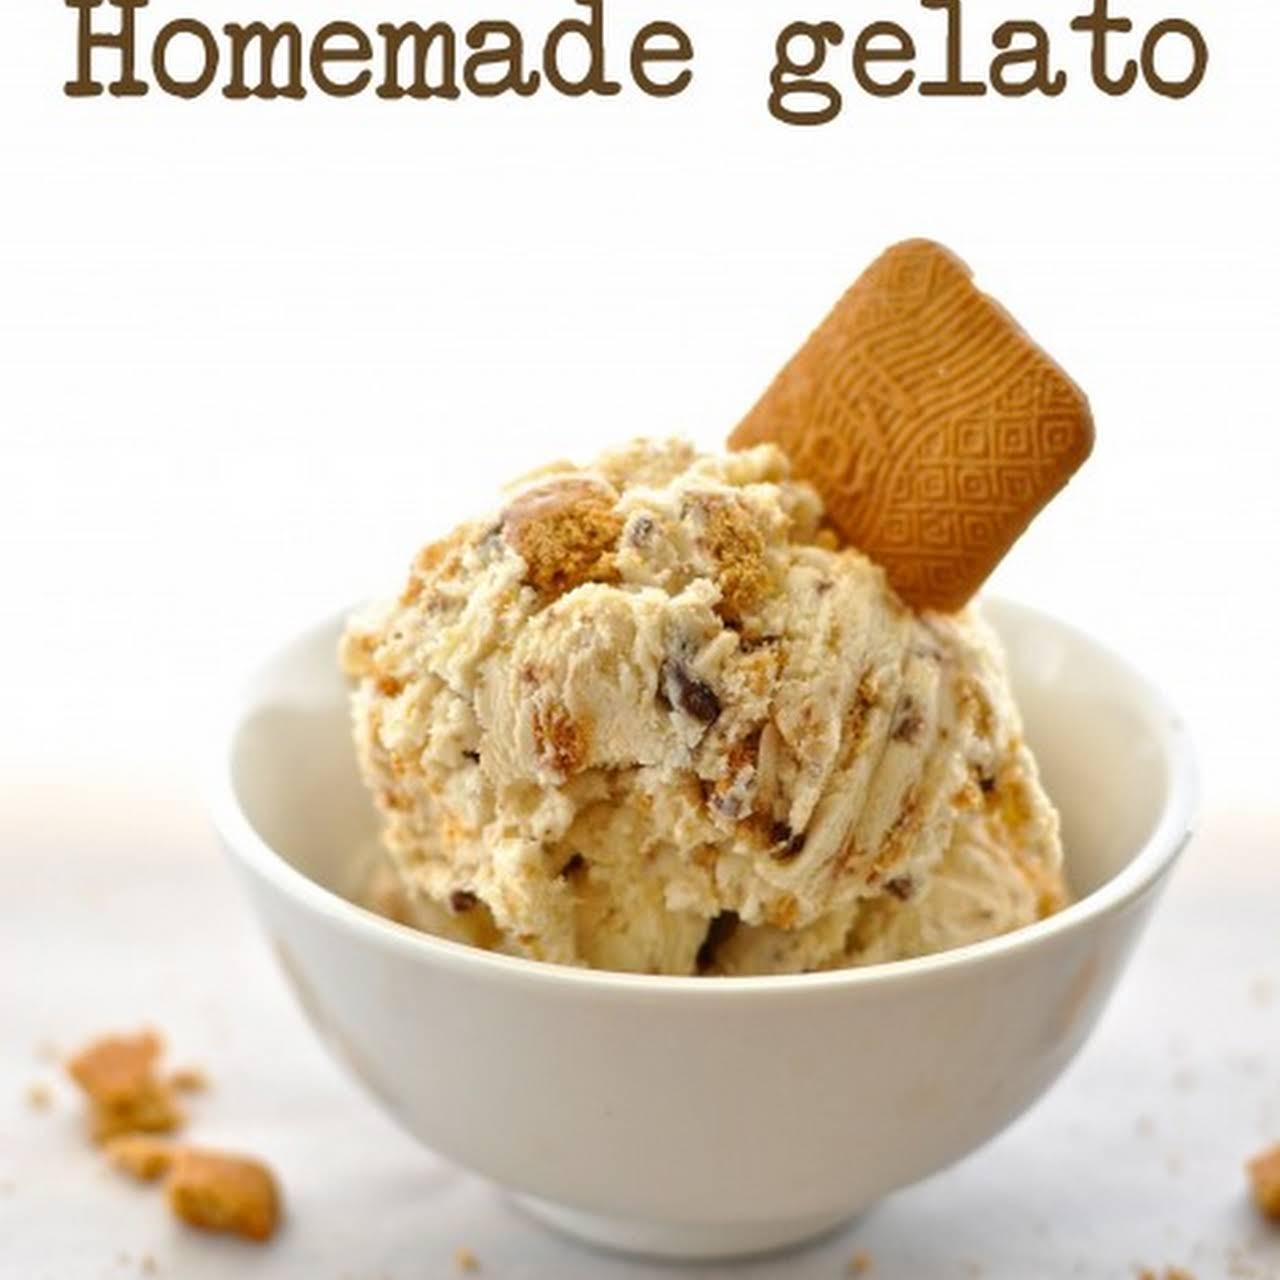 Choc-o-nut Biscuit Gelato